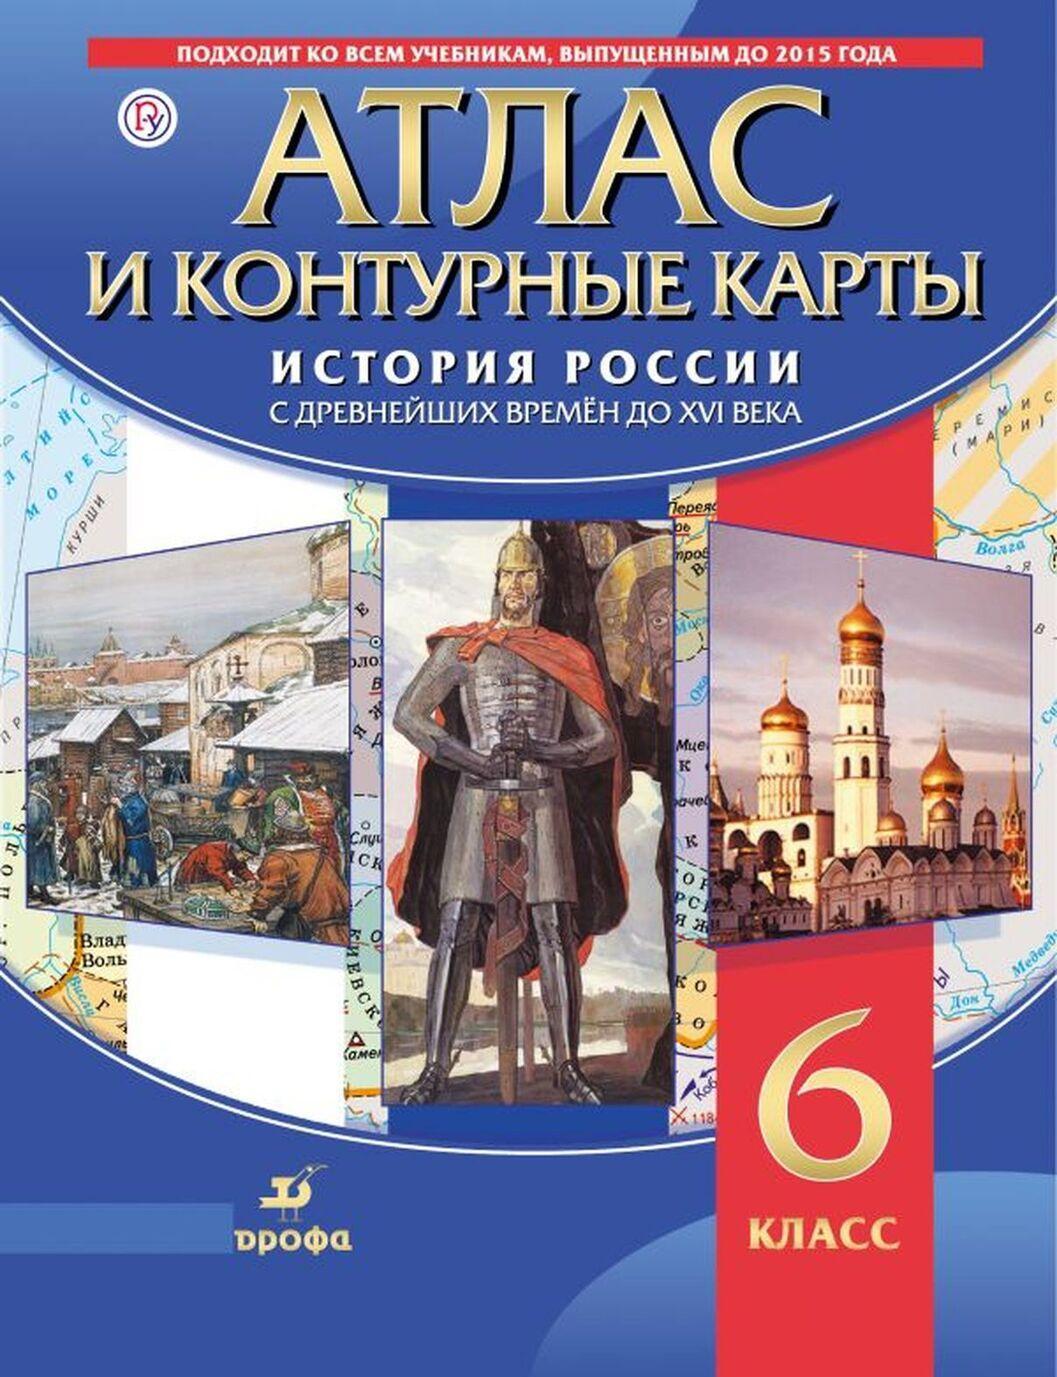 Istorija Rossii. S drevnejshikh vremjon do XVI v. Atlas i konturnye karty | Kurbskij N. A.